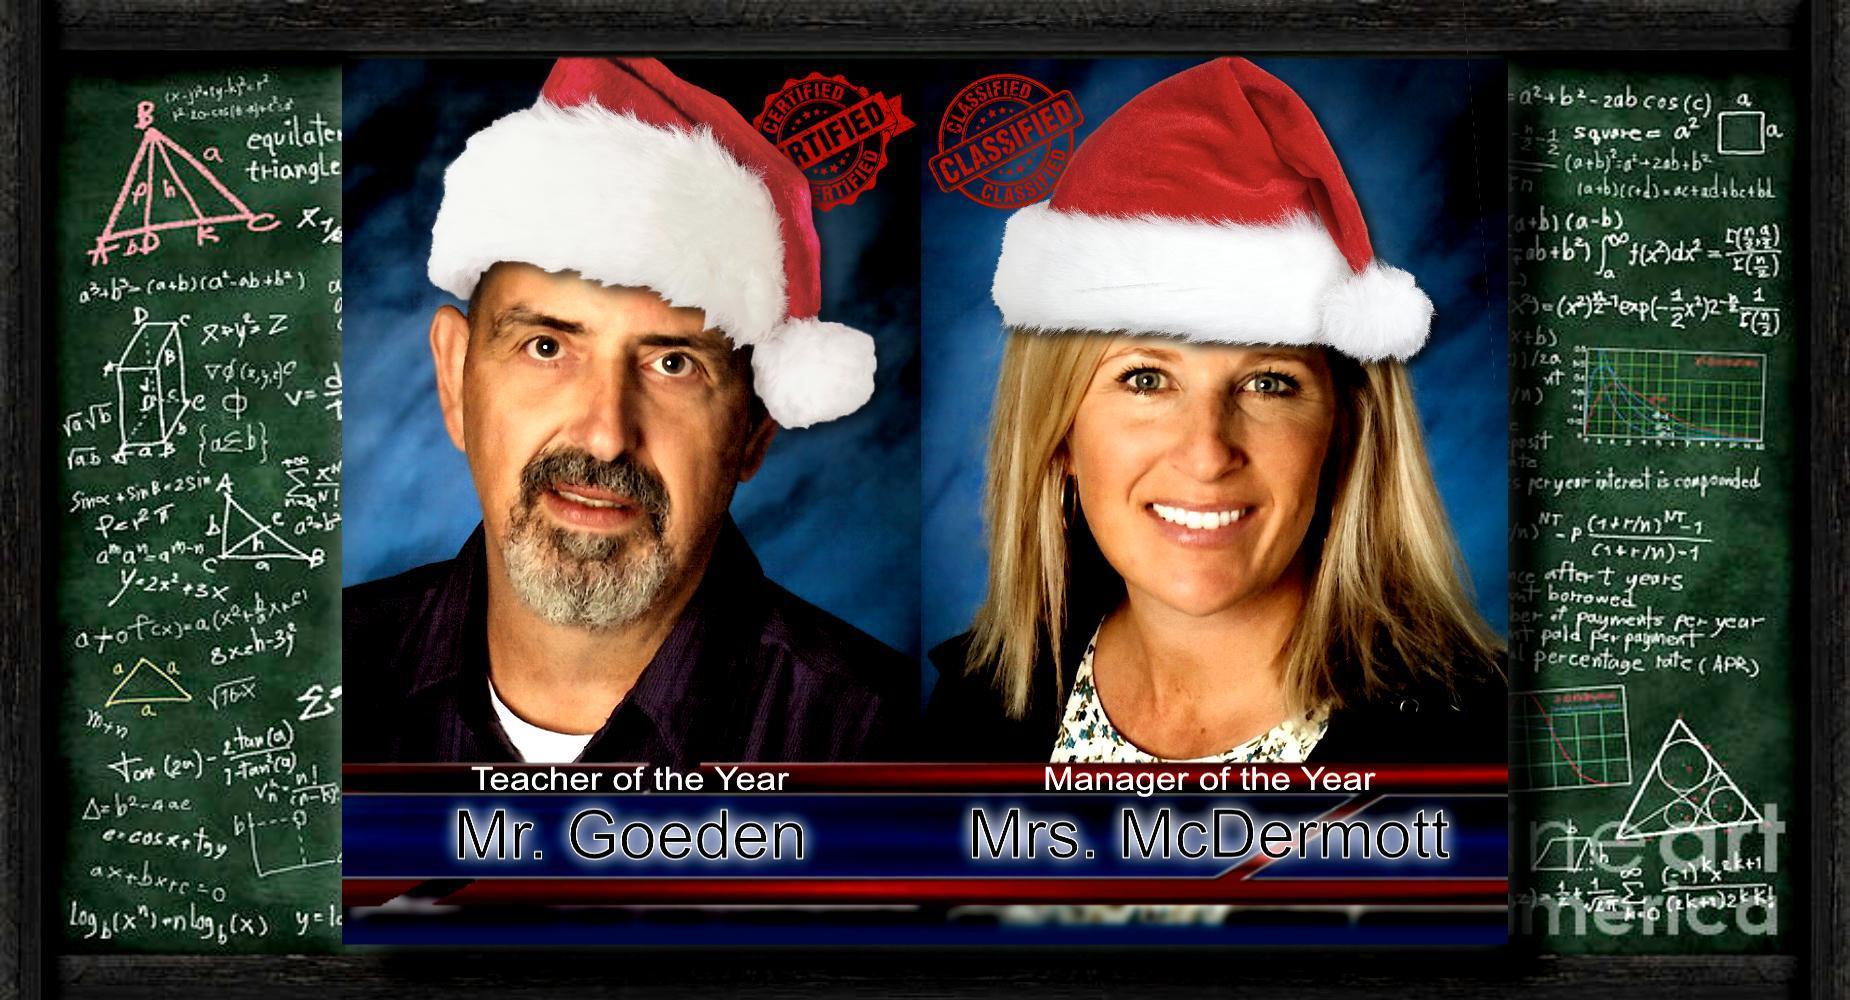 Teacher of the Year - Goeden/McDermott - xmas